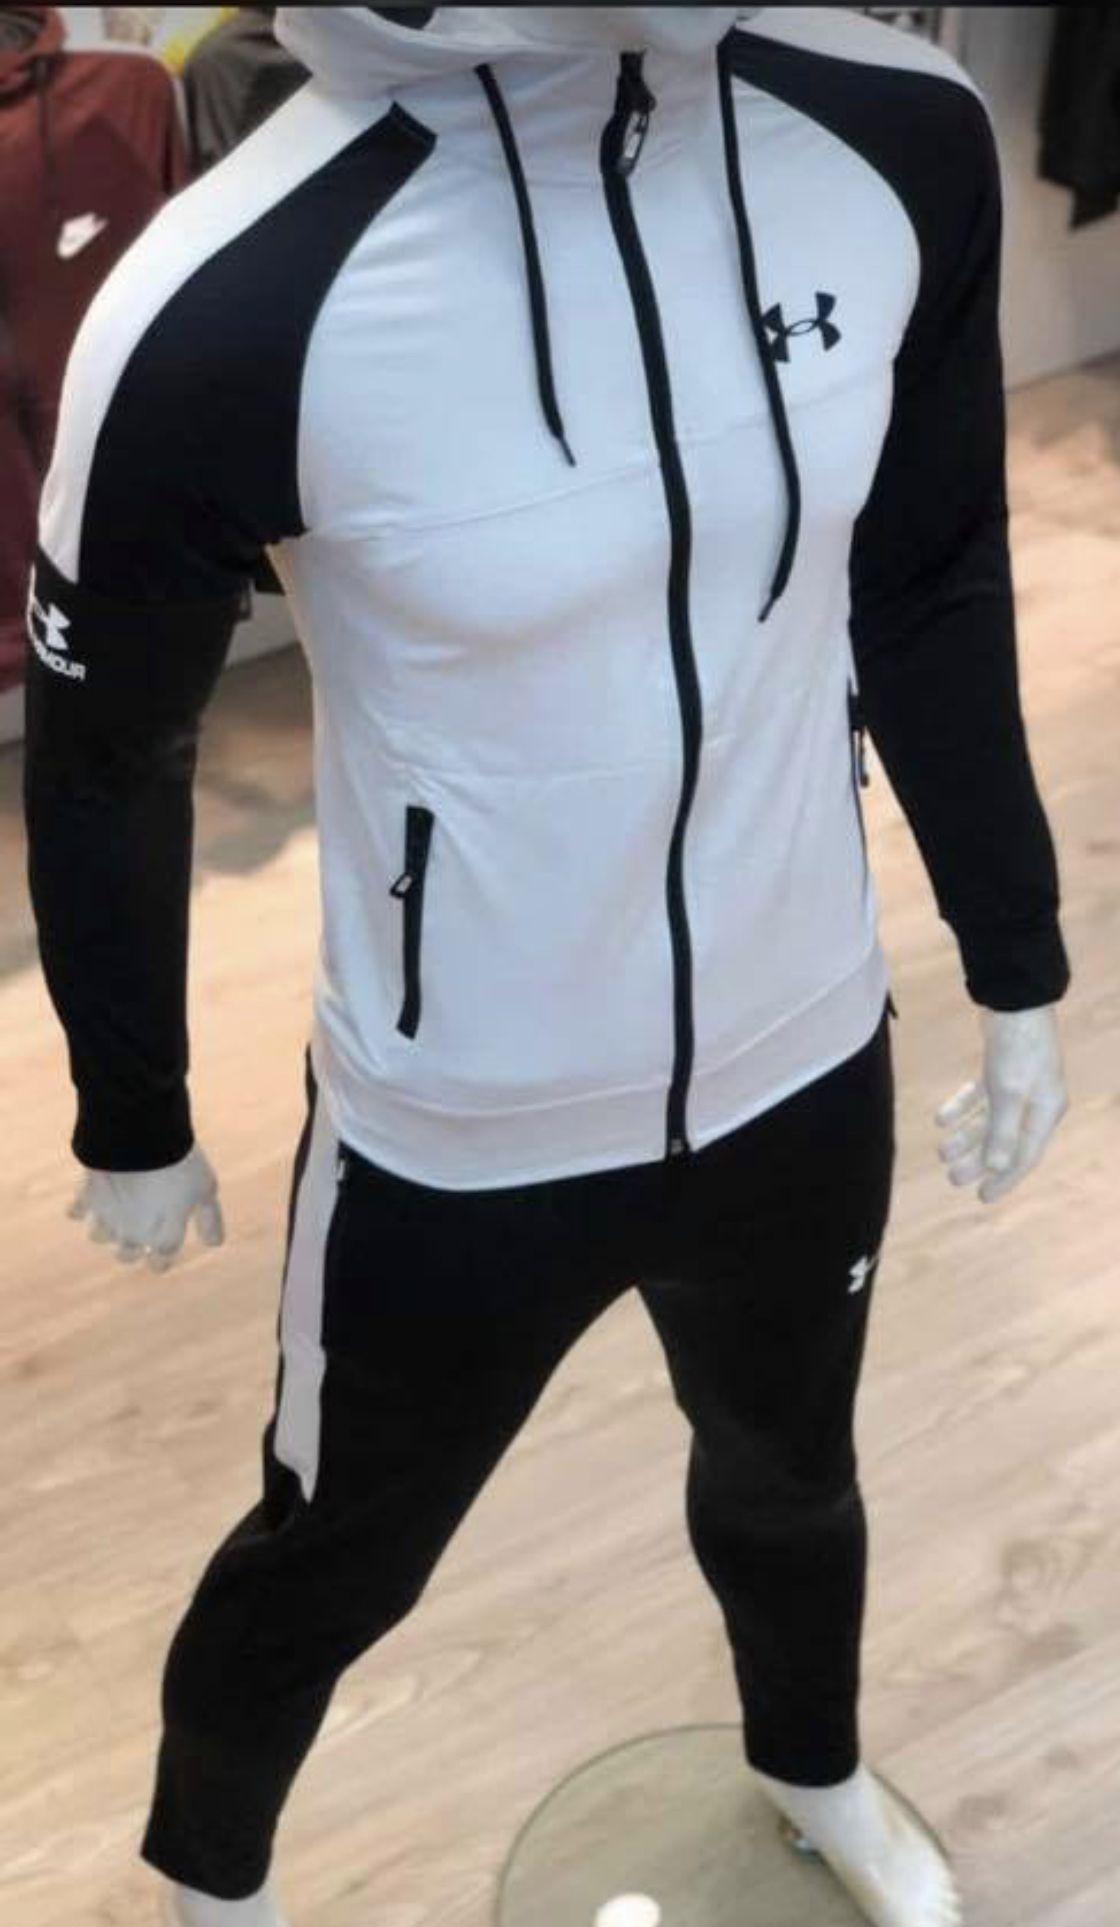 شبكة رئيس مأساوي Ropa Gym Hombre Nike Natural Soap Directory Org